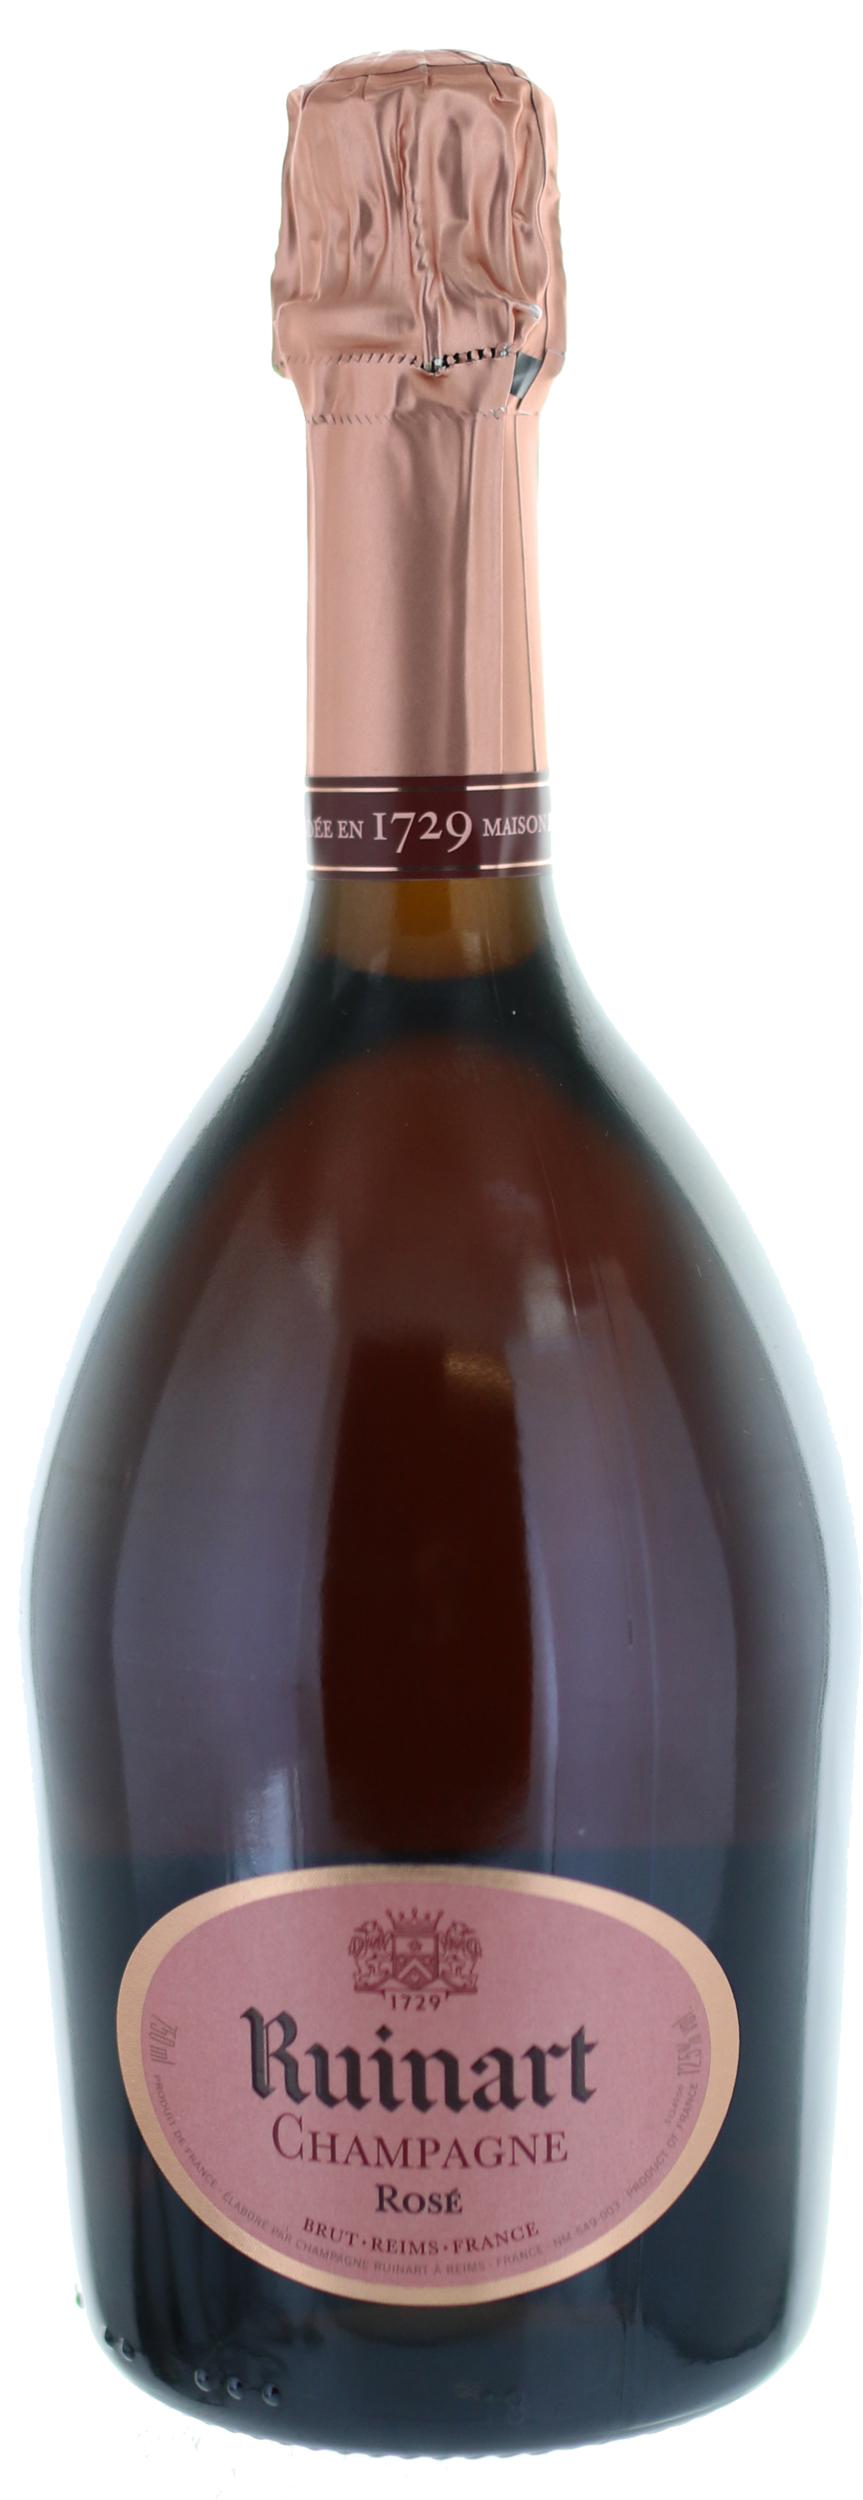 Rosé - Champagne Ruinart